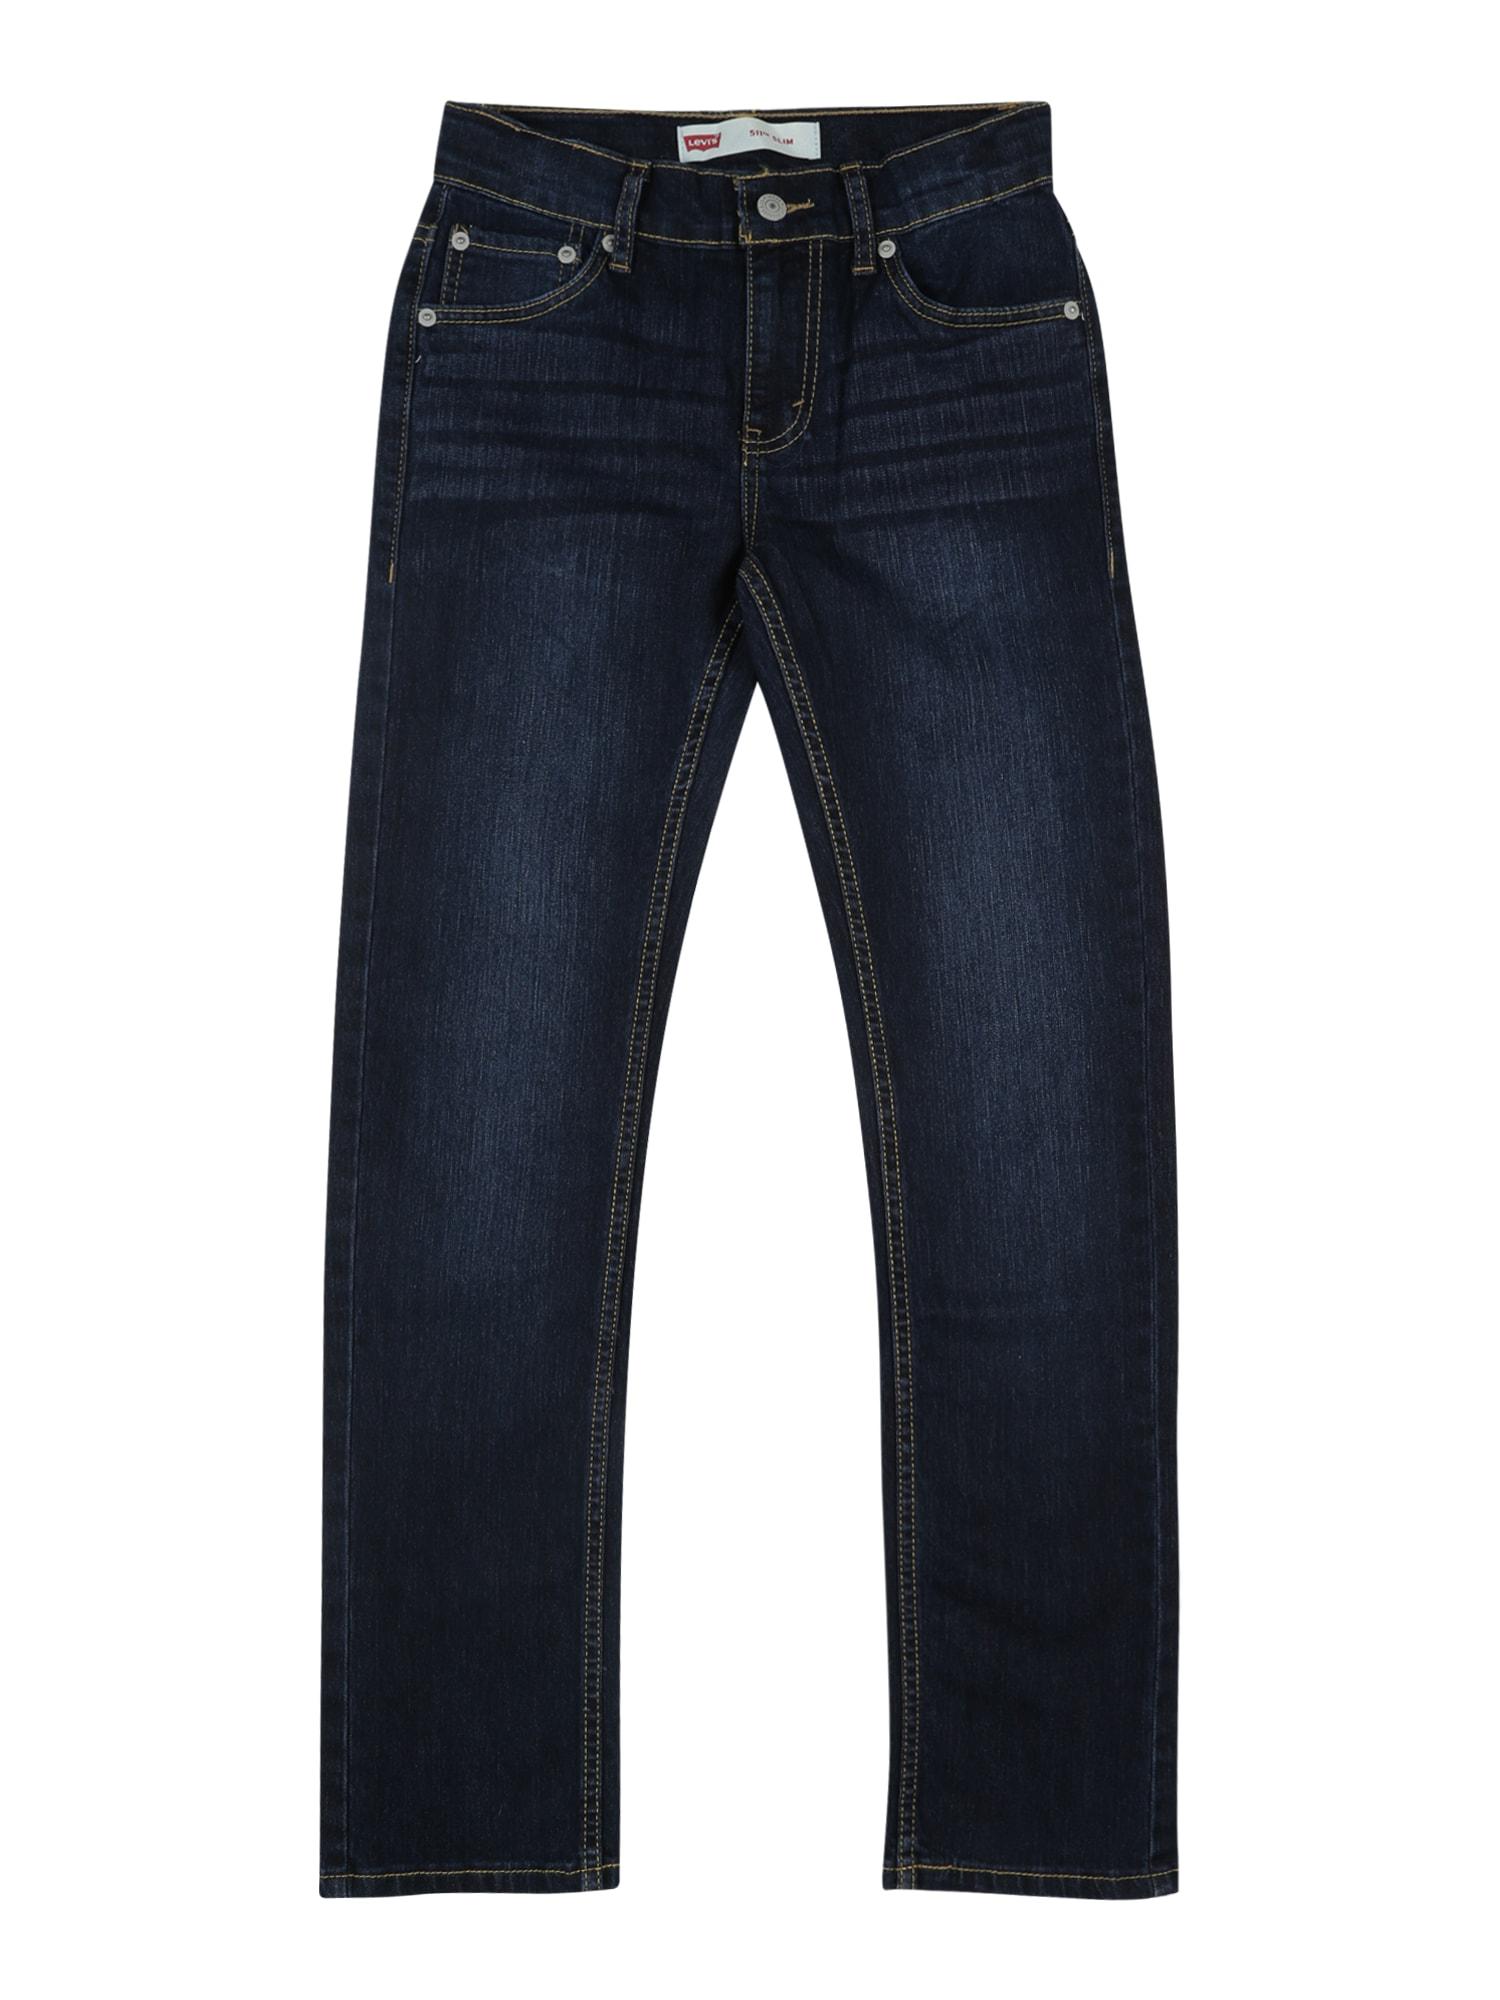 LEVI'S Džinsai '511 Slim Fit' juodo džinso spalva